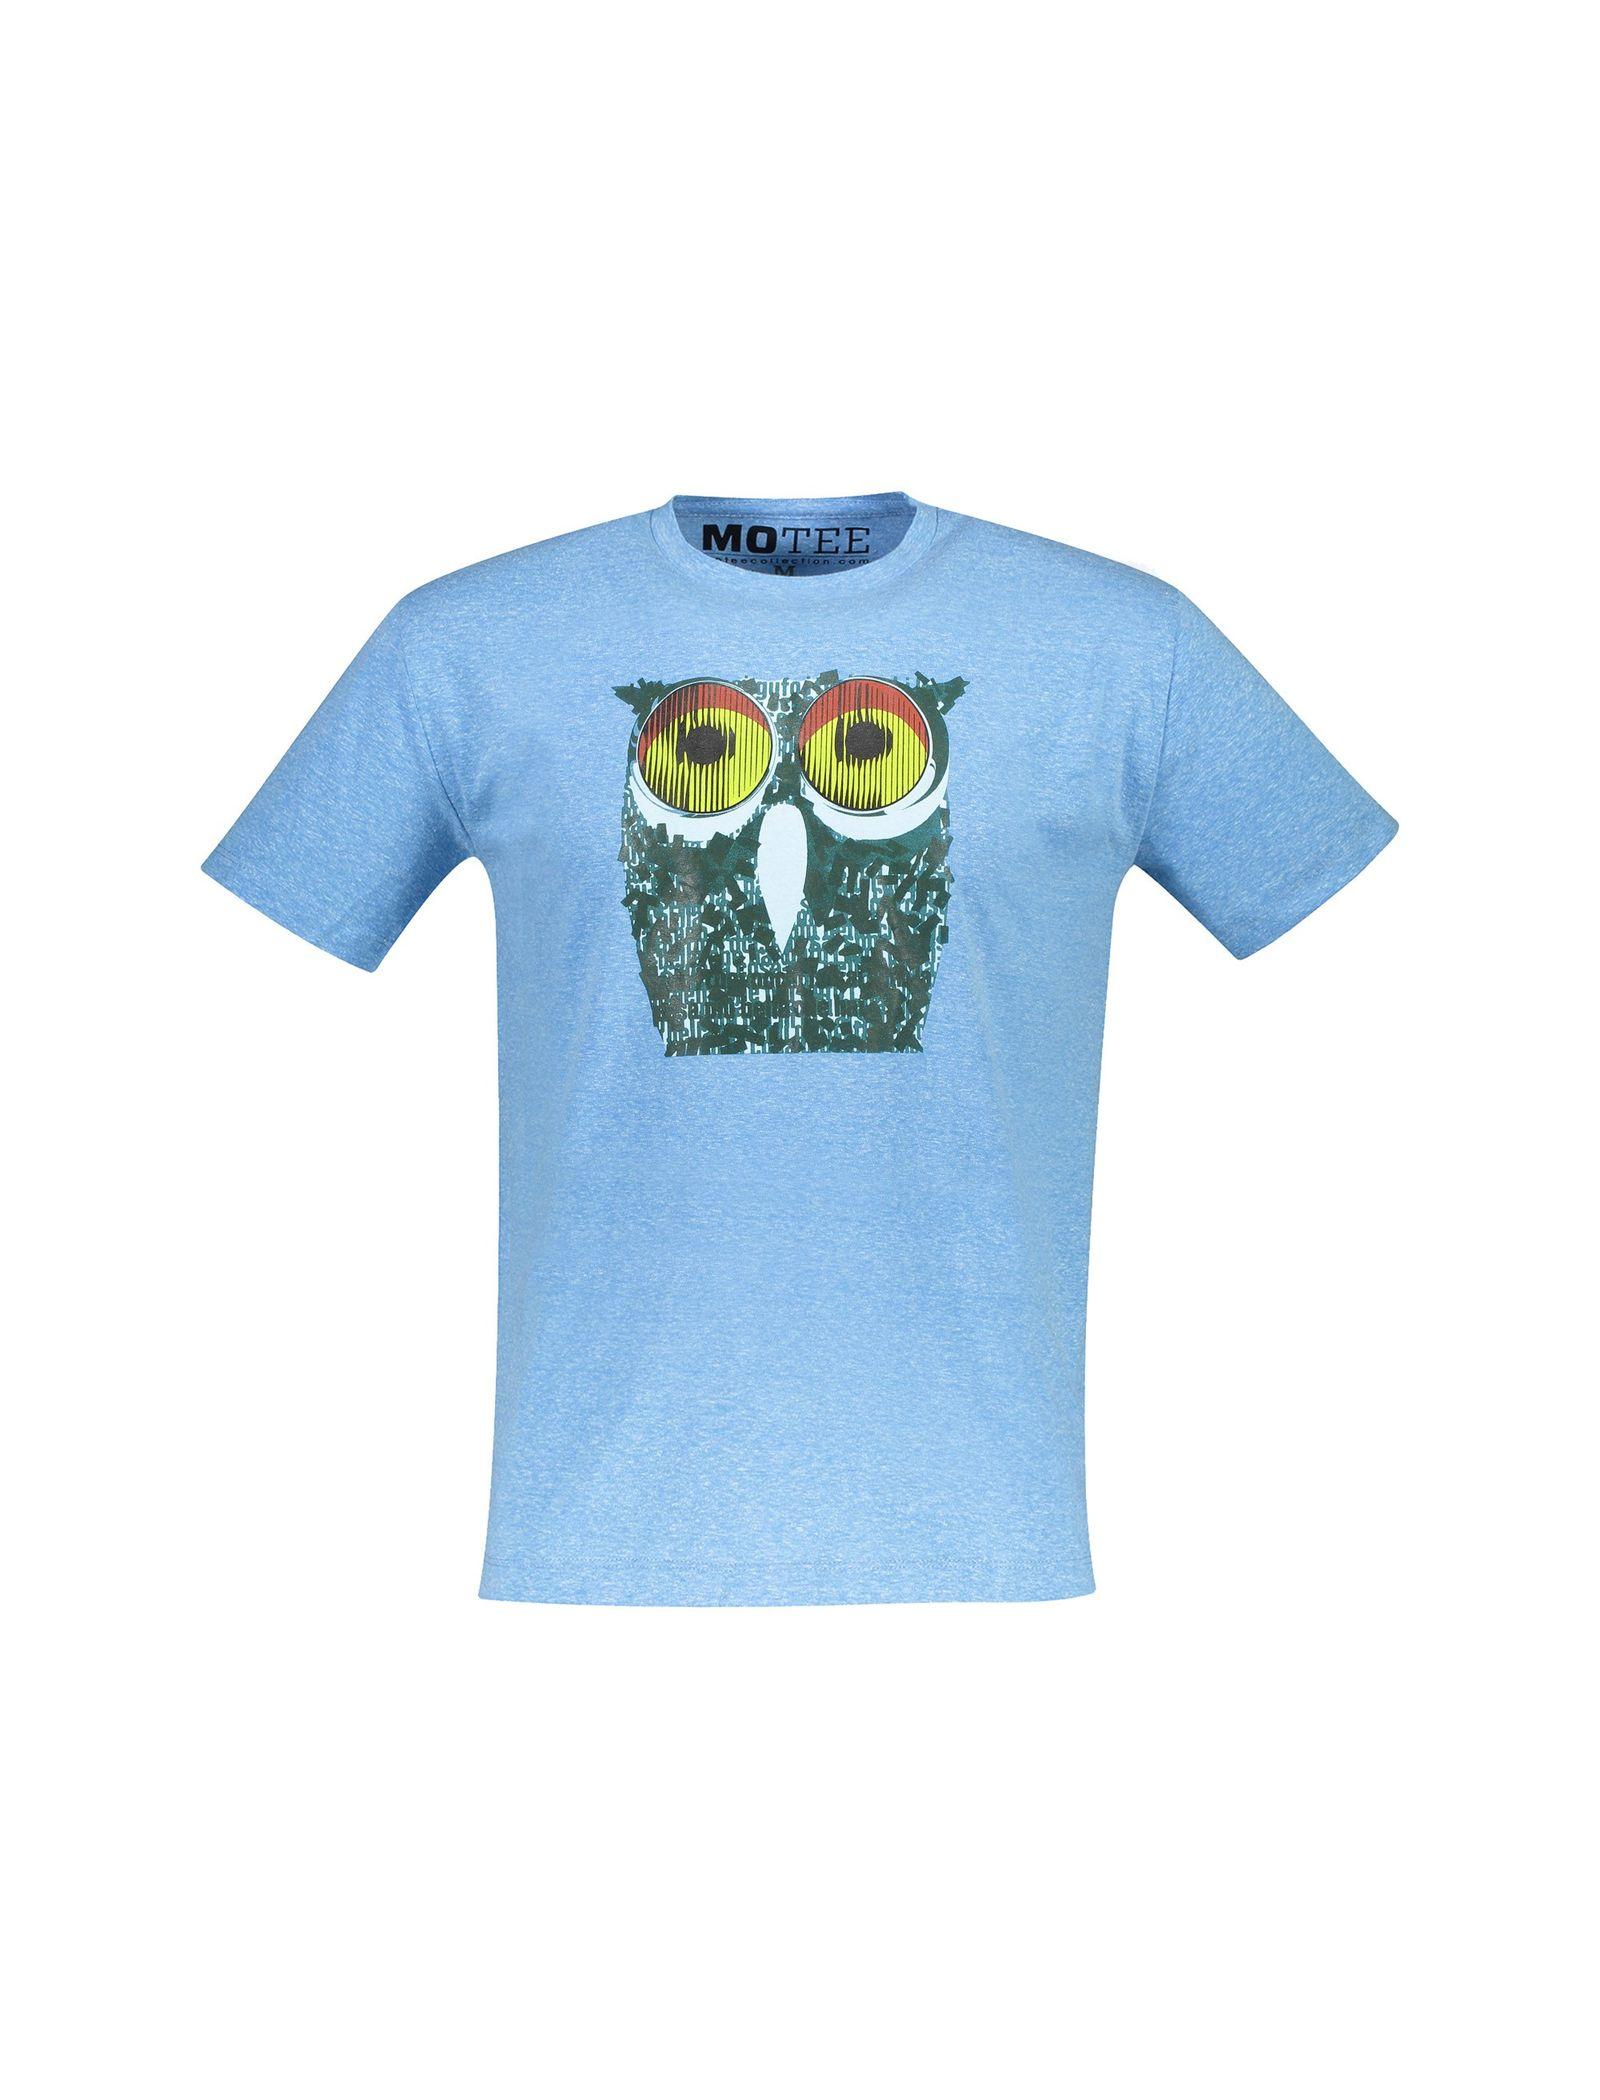 تی شرت یقه گرد مردانه - متی - آبي روشن - 1